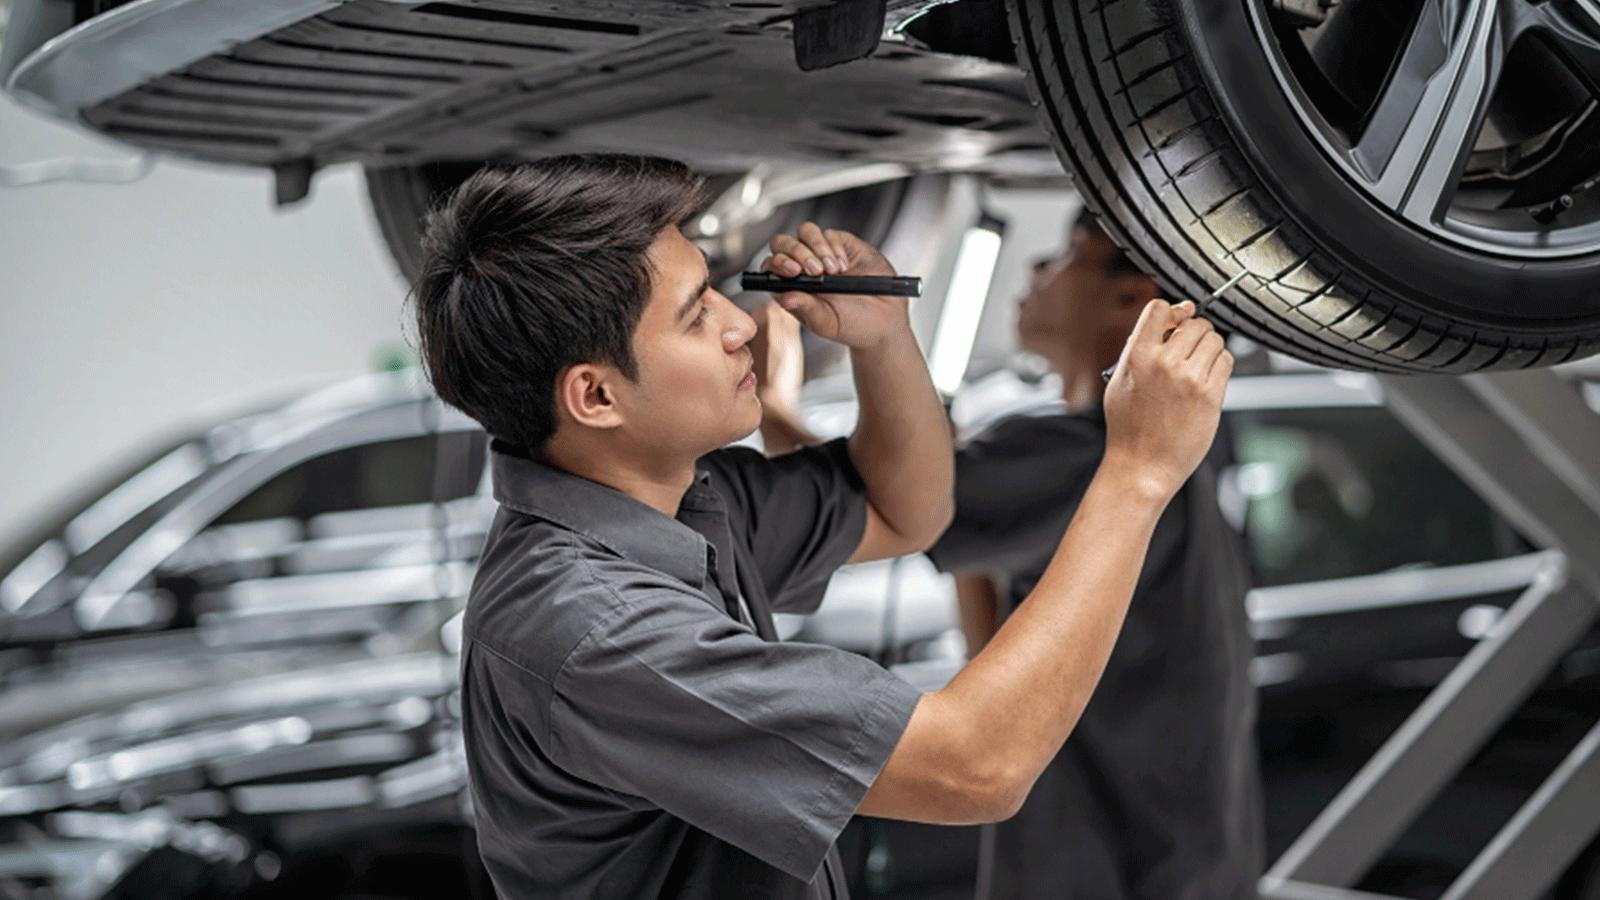 HAKA Autolackierzentrum Leistungen Aufbereitung von Leasing Fahrzeugen